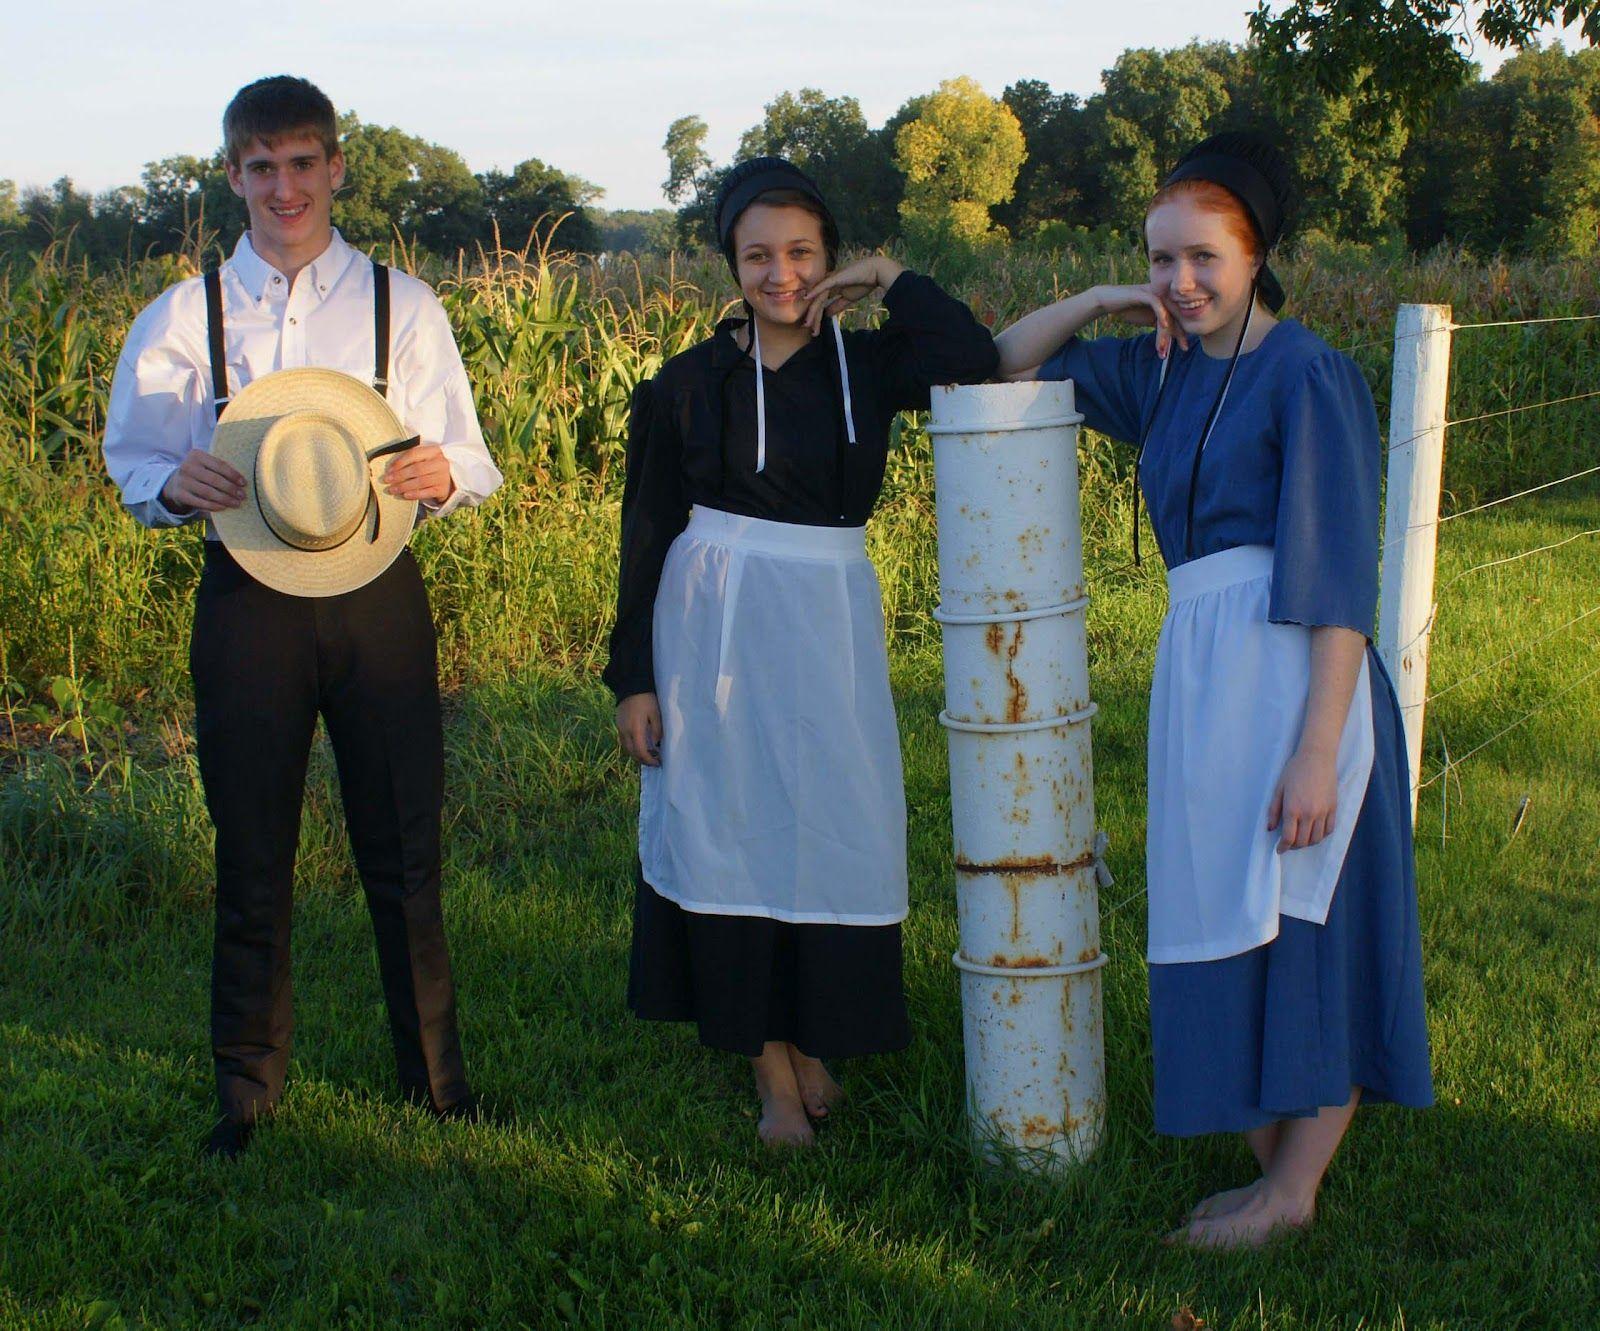 FUN FUN FUN! Dressing Amish . . . in 2020 | Amish clothing, Amish, Amish  family